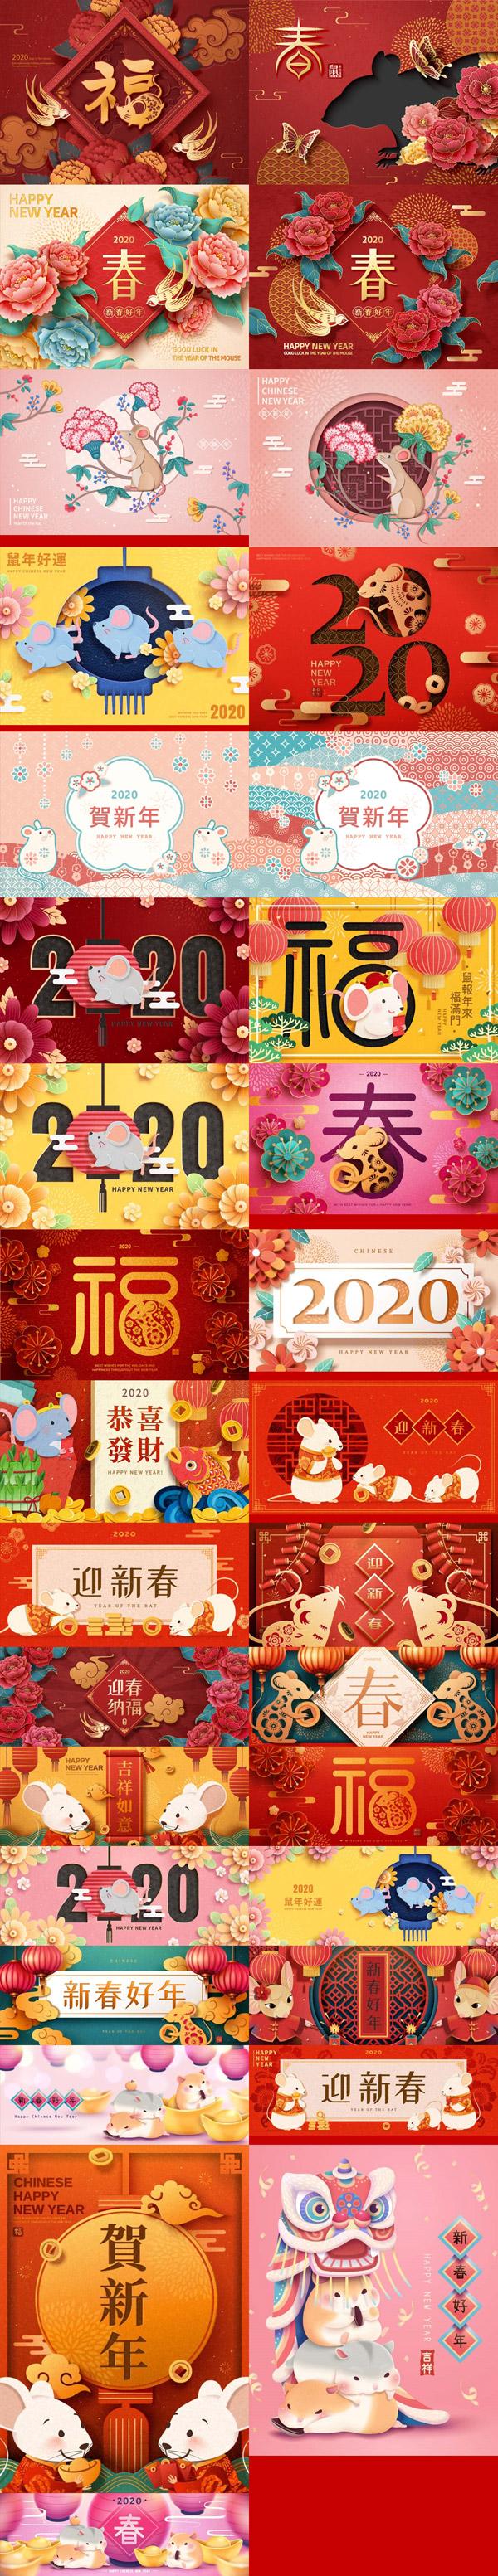 2020新年春节海报